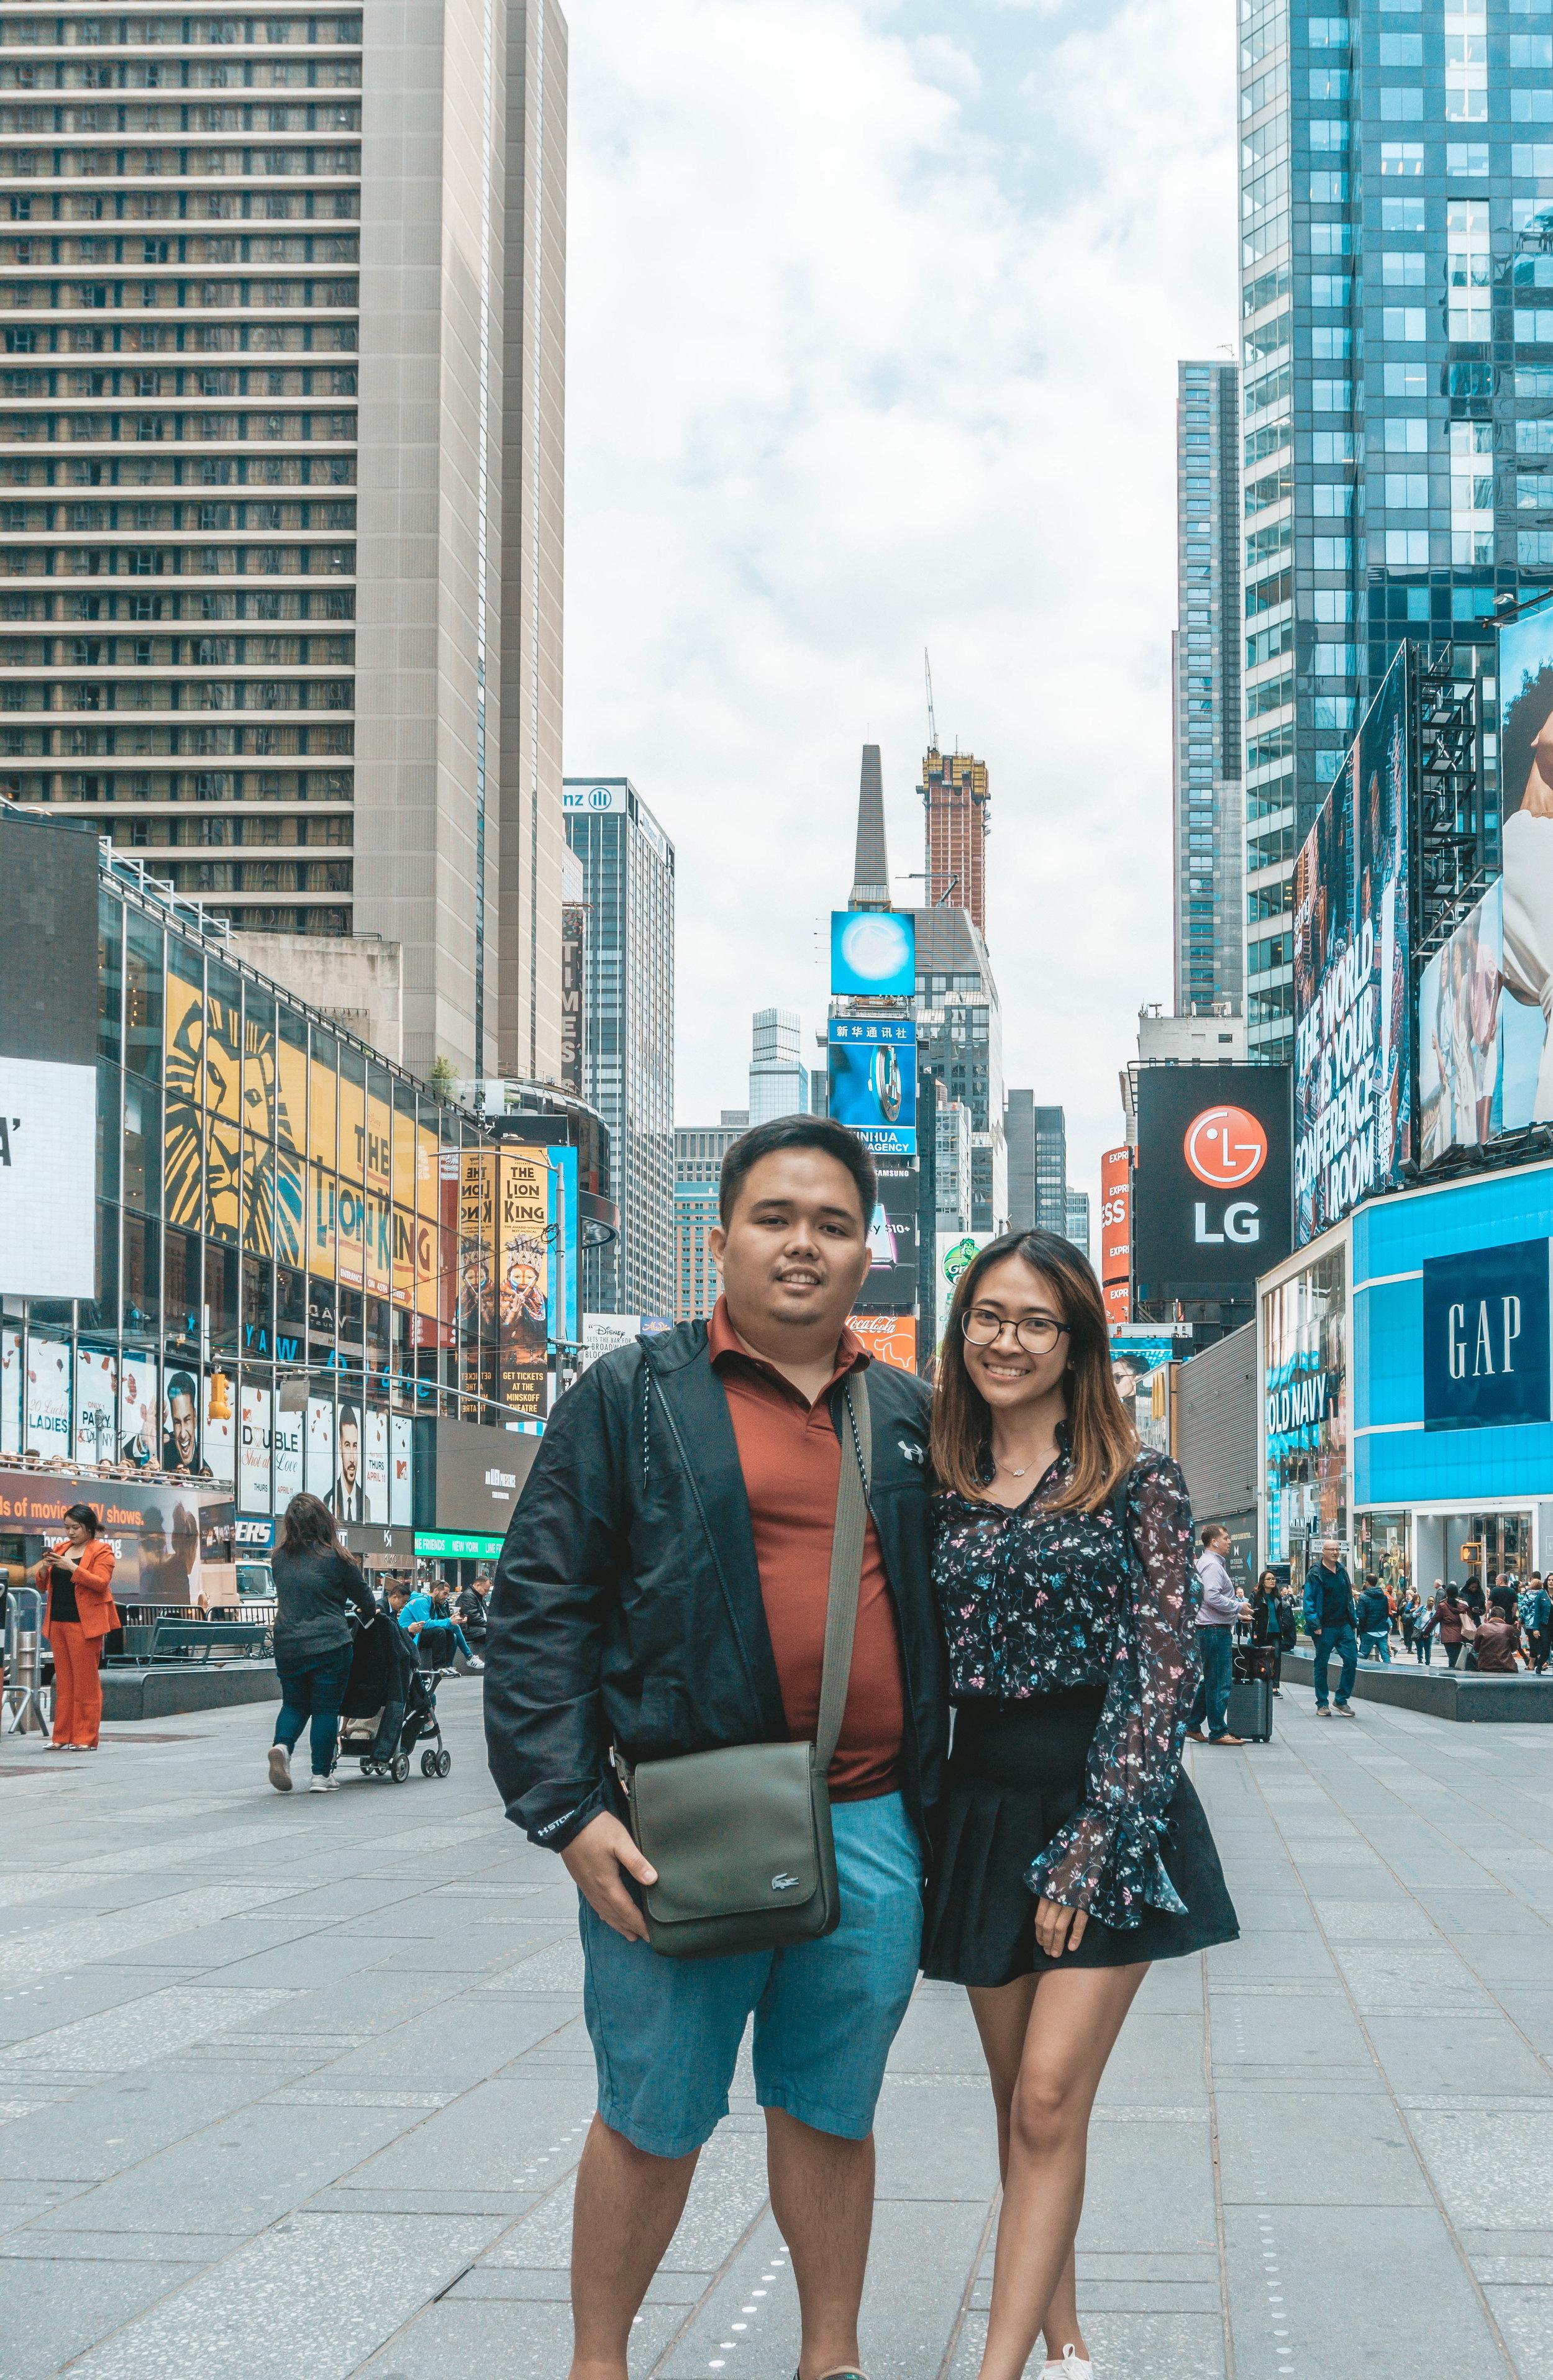 Karen and Miguel in New York City